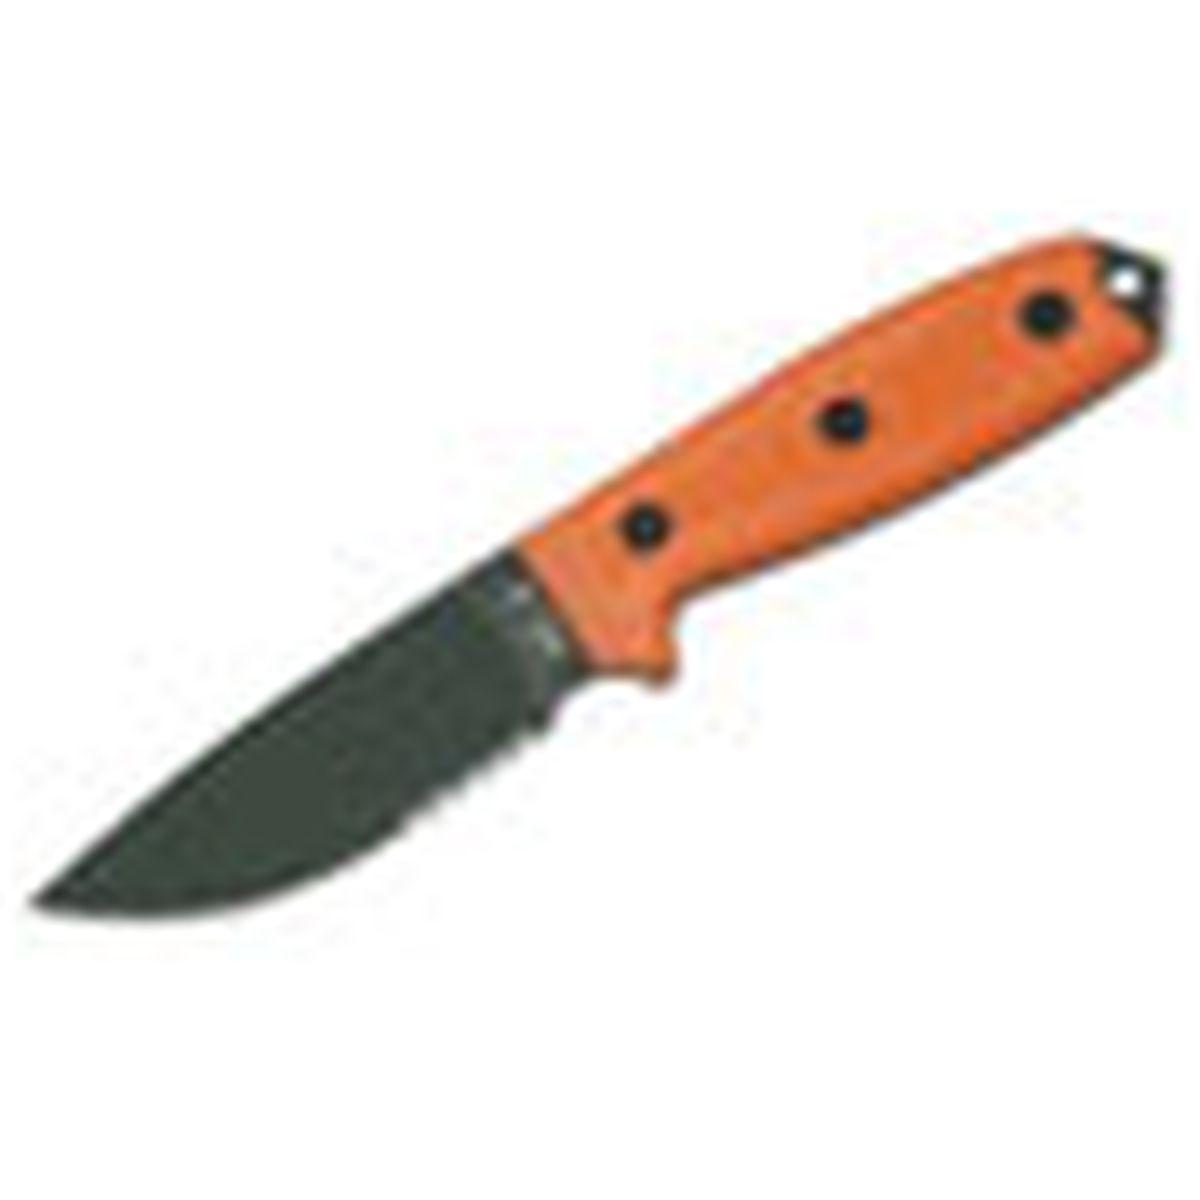 sod-cutting knife